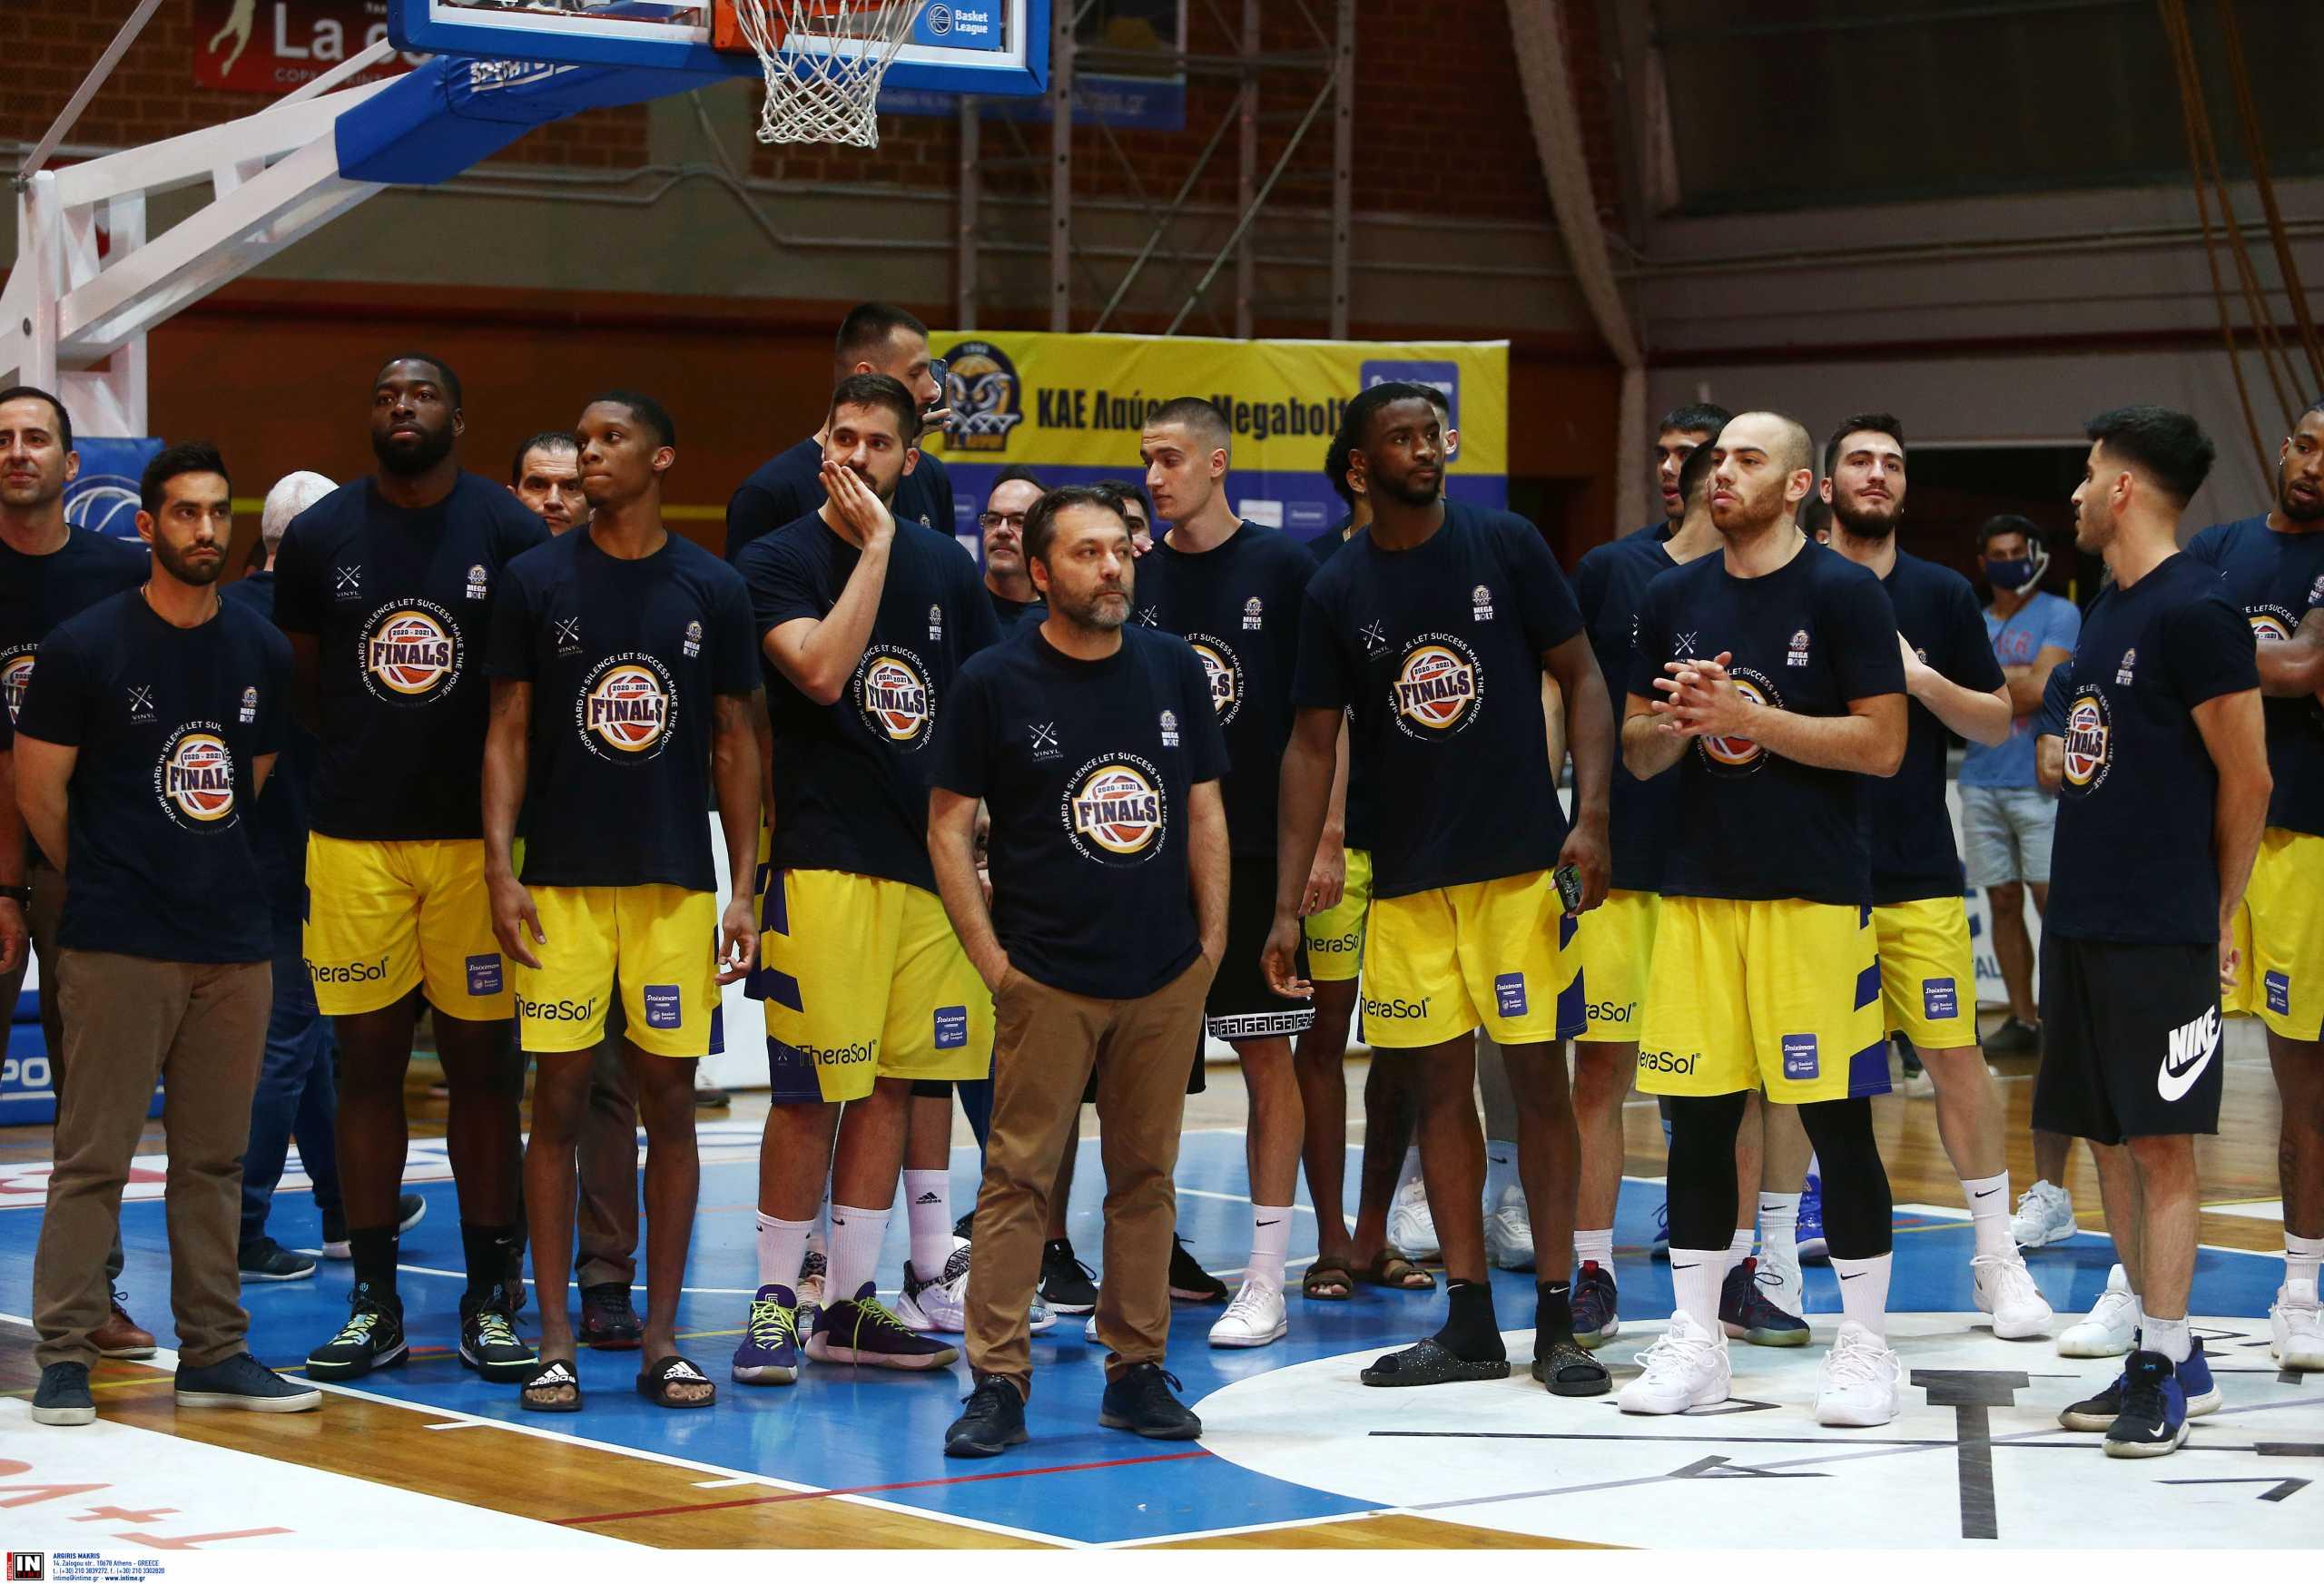 Το Λαύριο θα παίξει στο Basketball Champions League με έδρα το ΣΕΦ